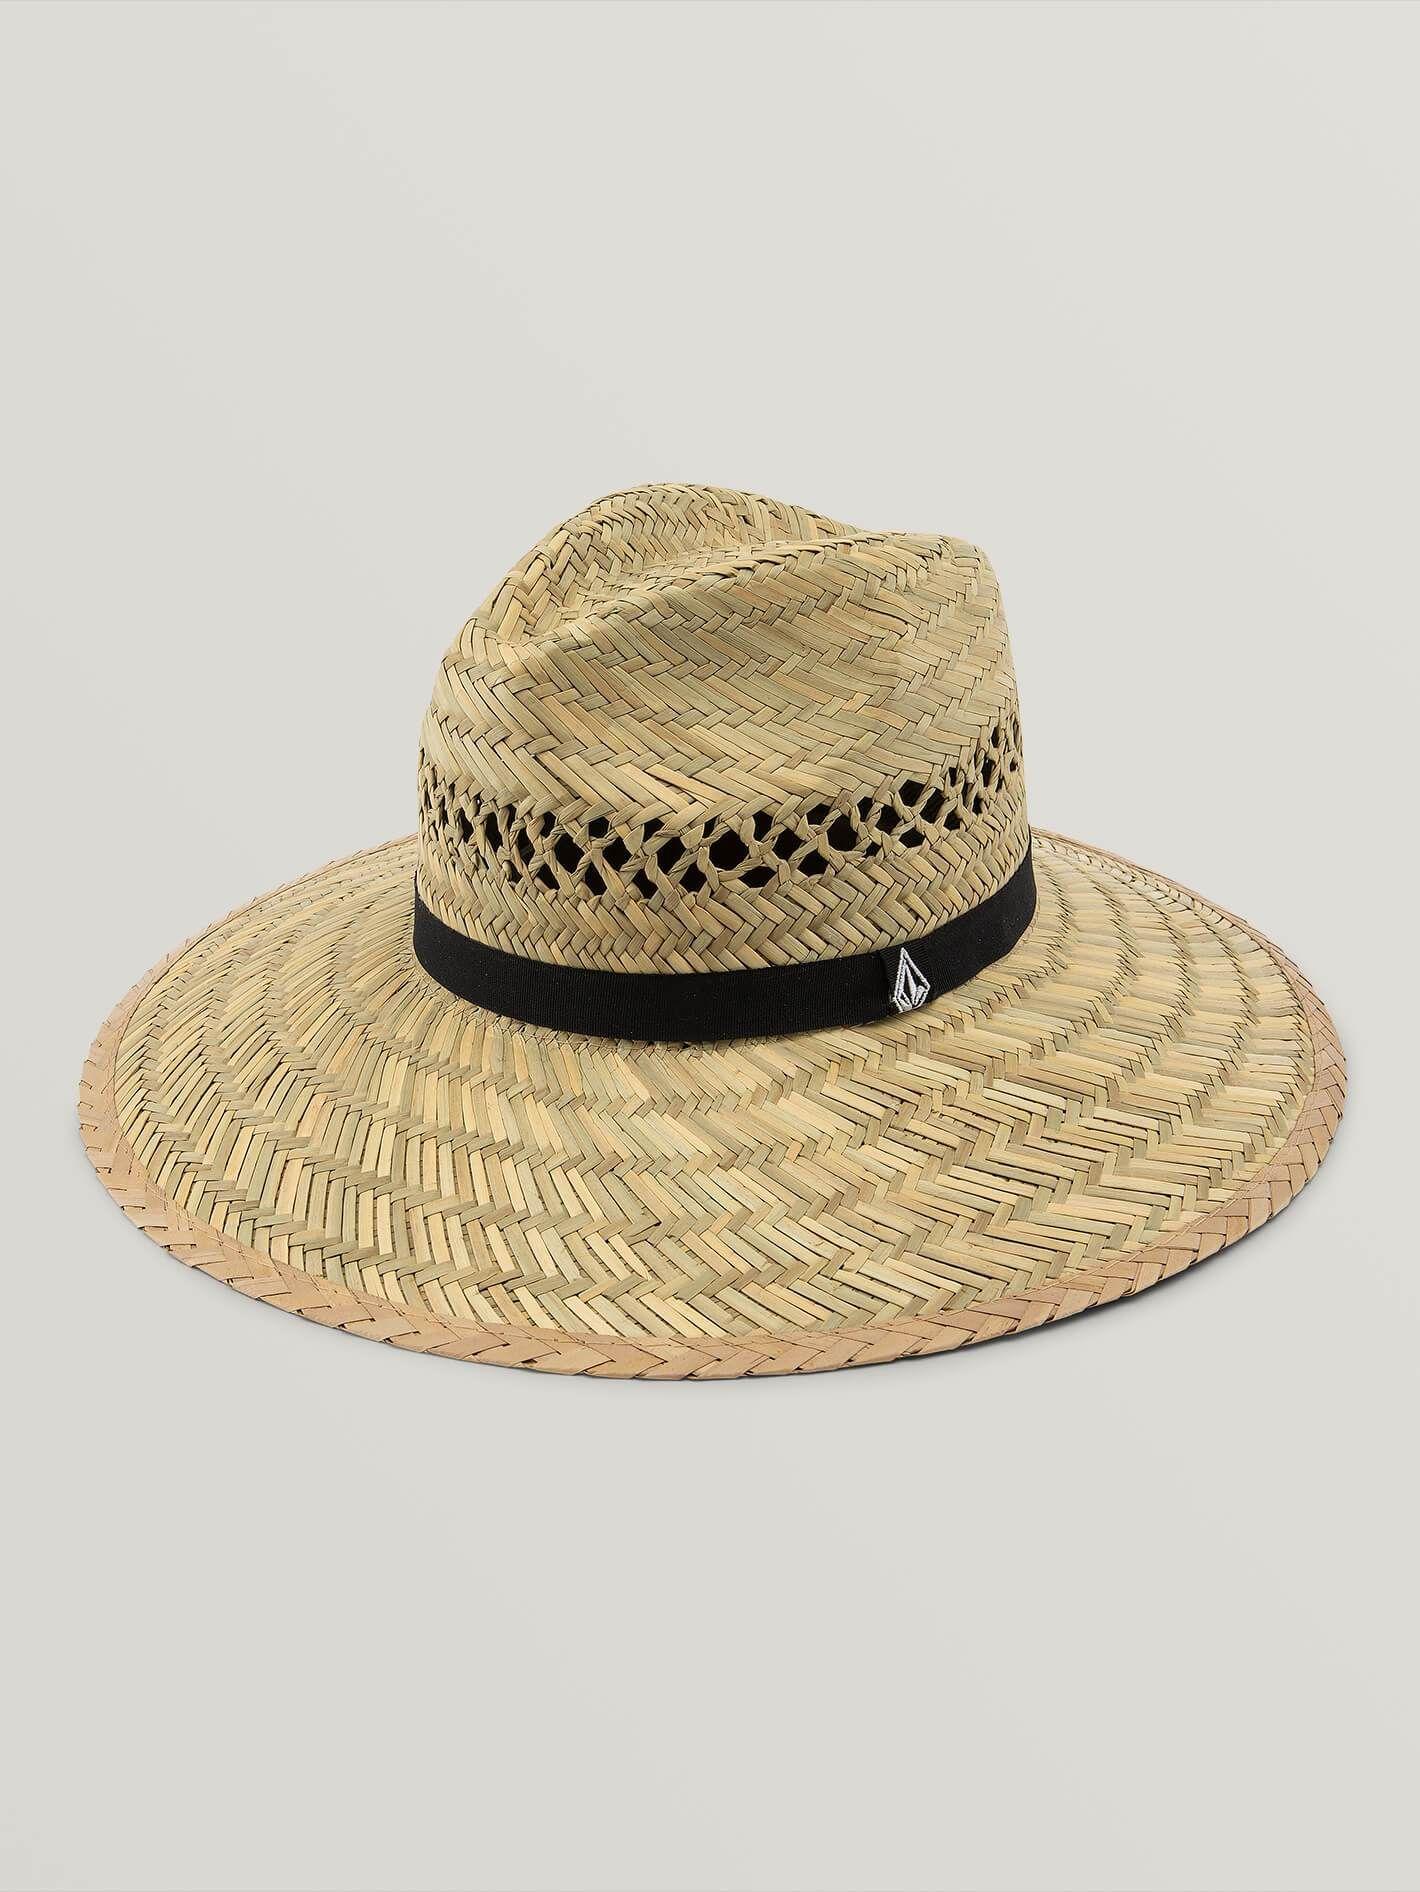 c529e7cc328bdf Dazey Straw Hat in 2019 | All Women's Fashions | Hats, Fashion ...